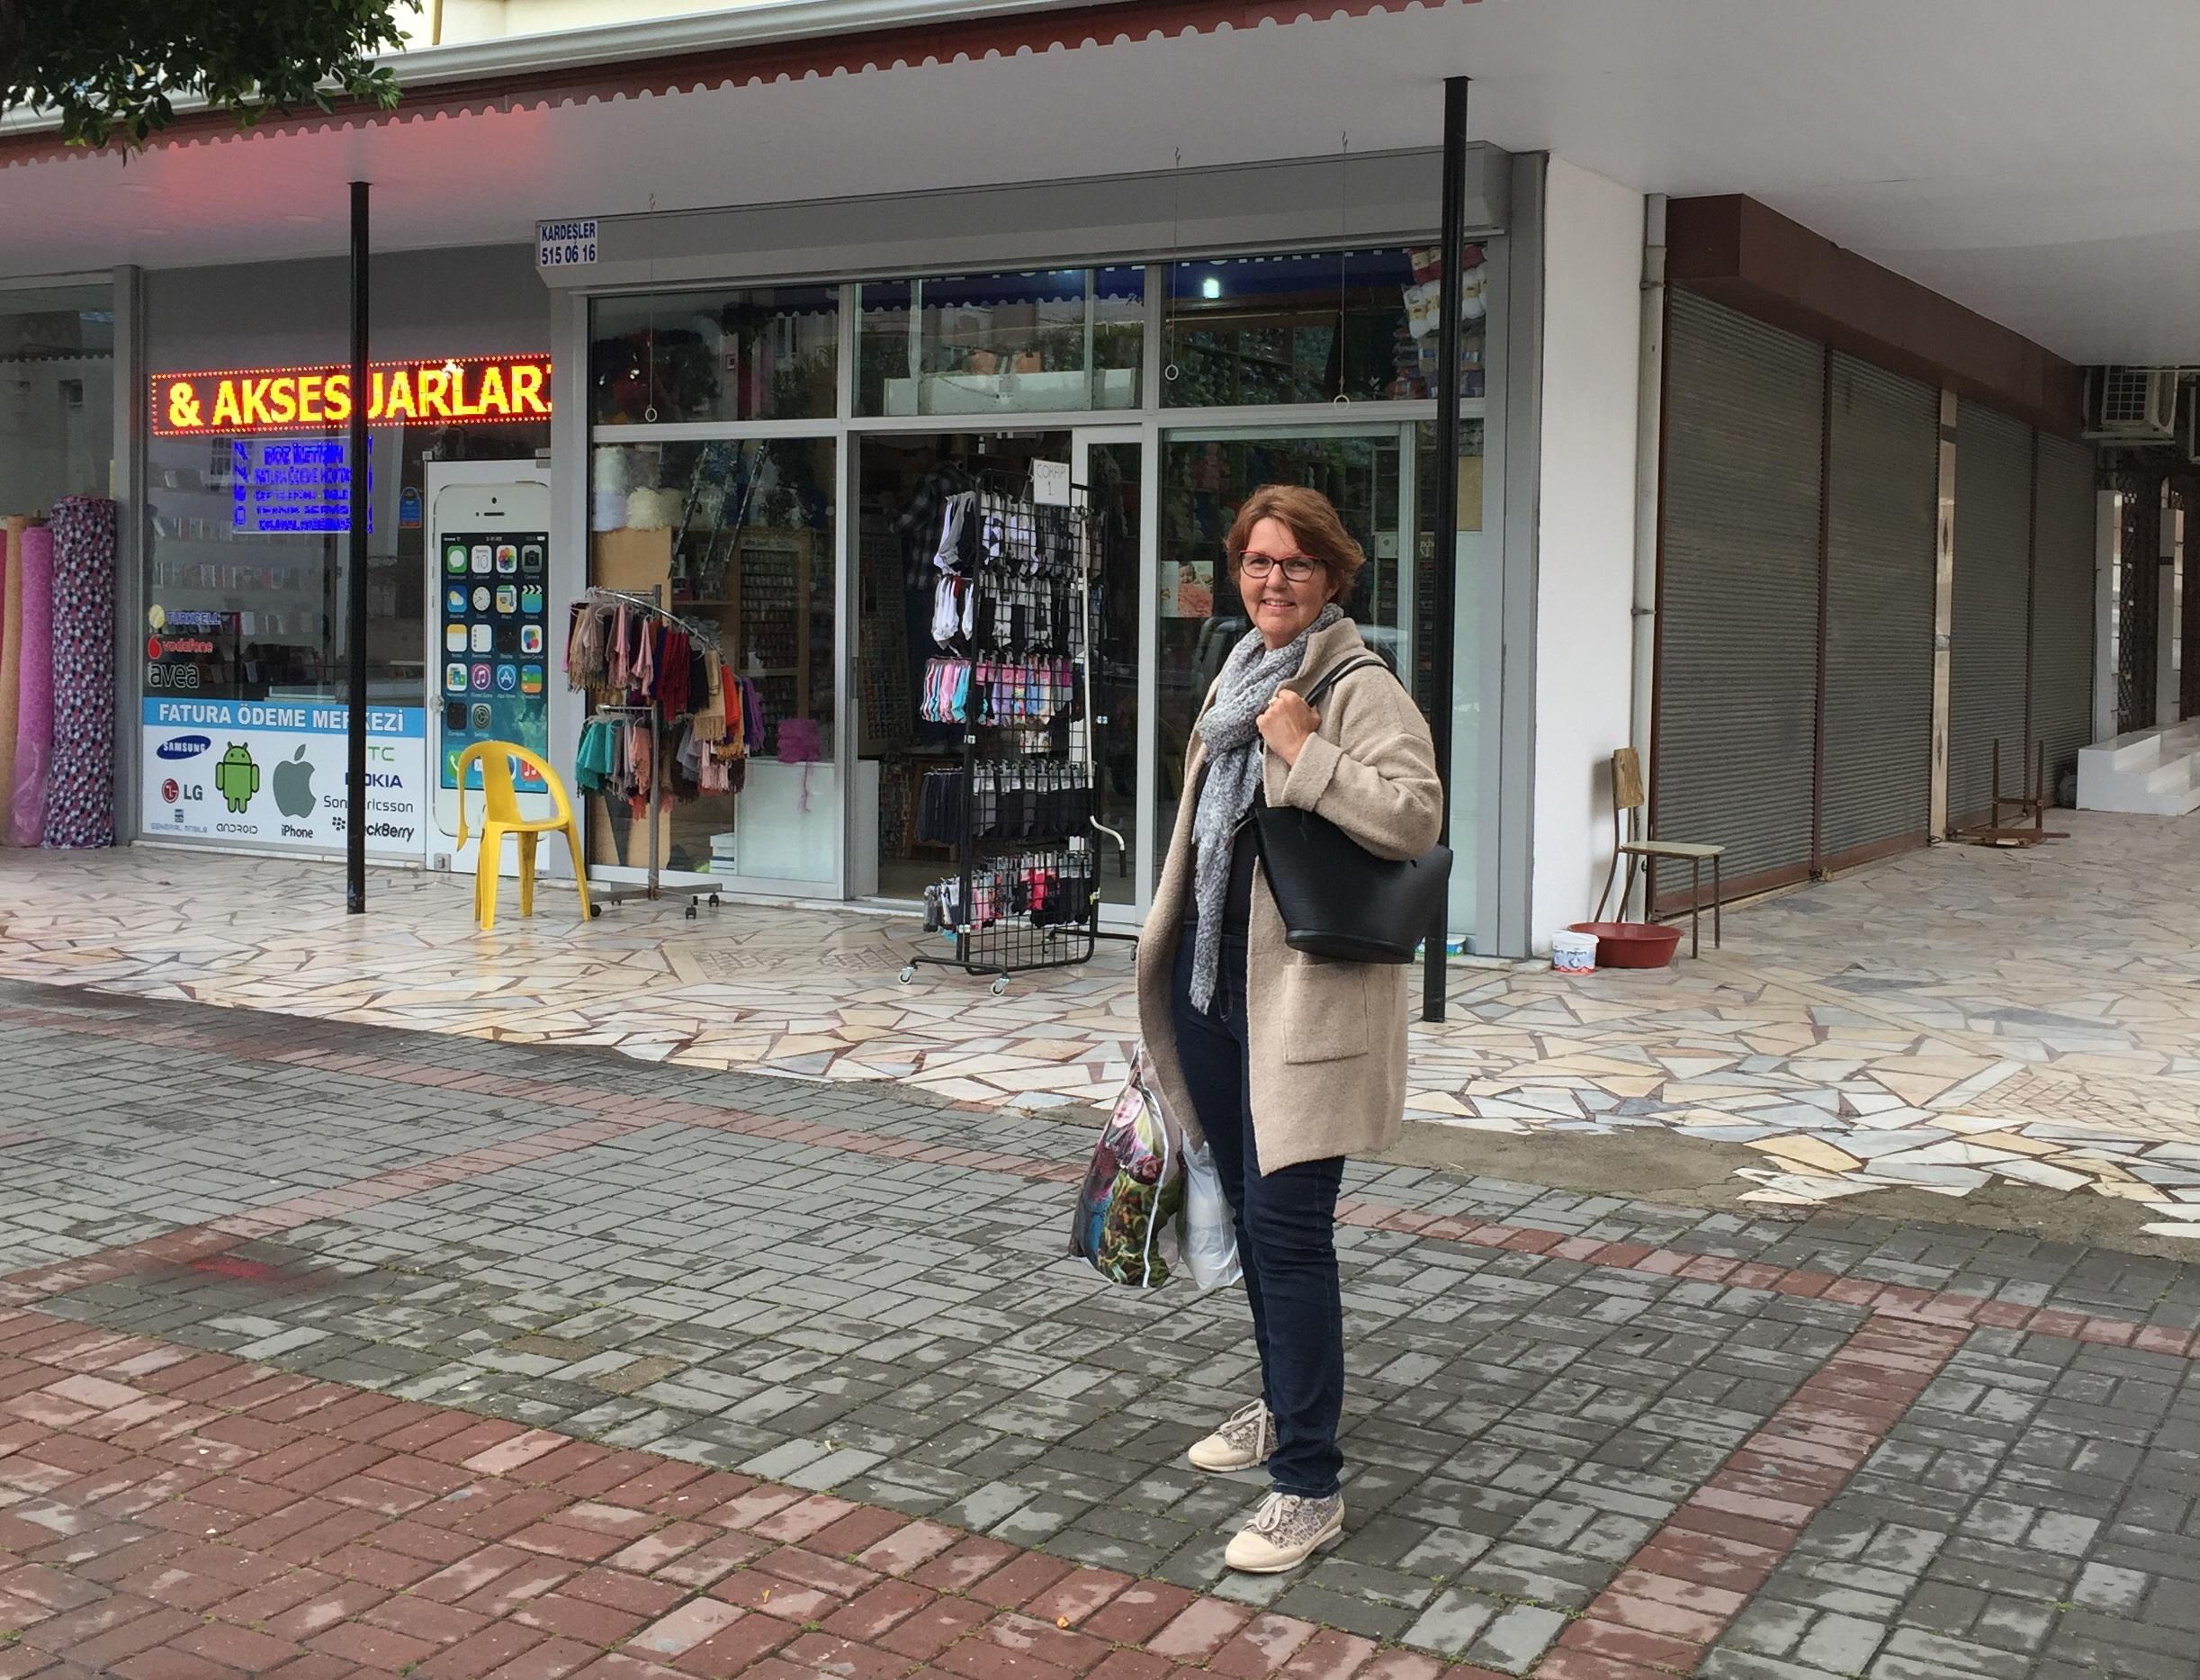 Min mor foran butikken. Lad dig ikke narre af påklædningen - billedet her er taget i efteråret. I sidste uge var vi i korte bukser og bare arme :)